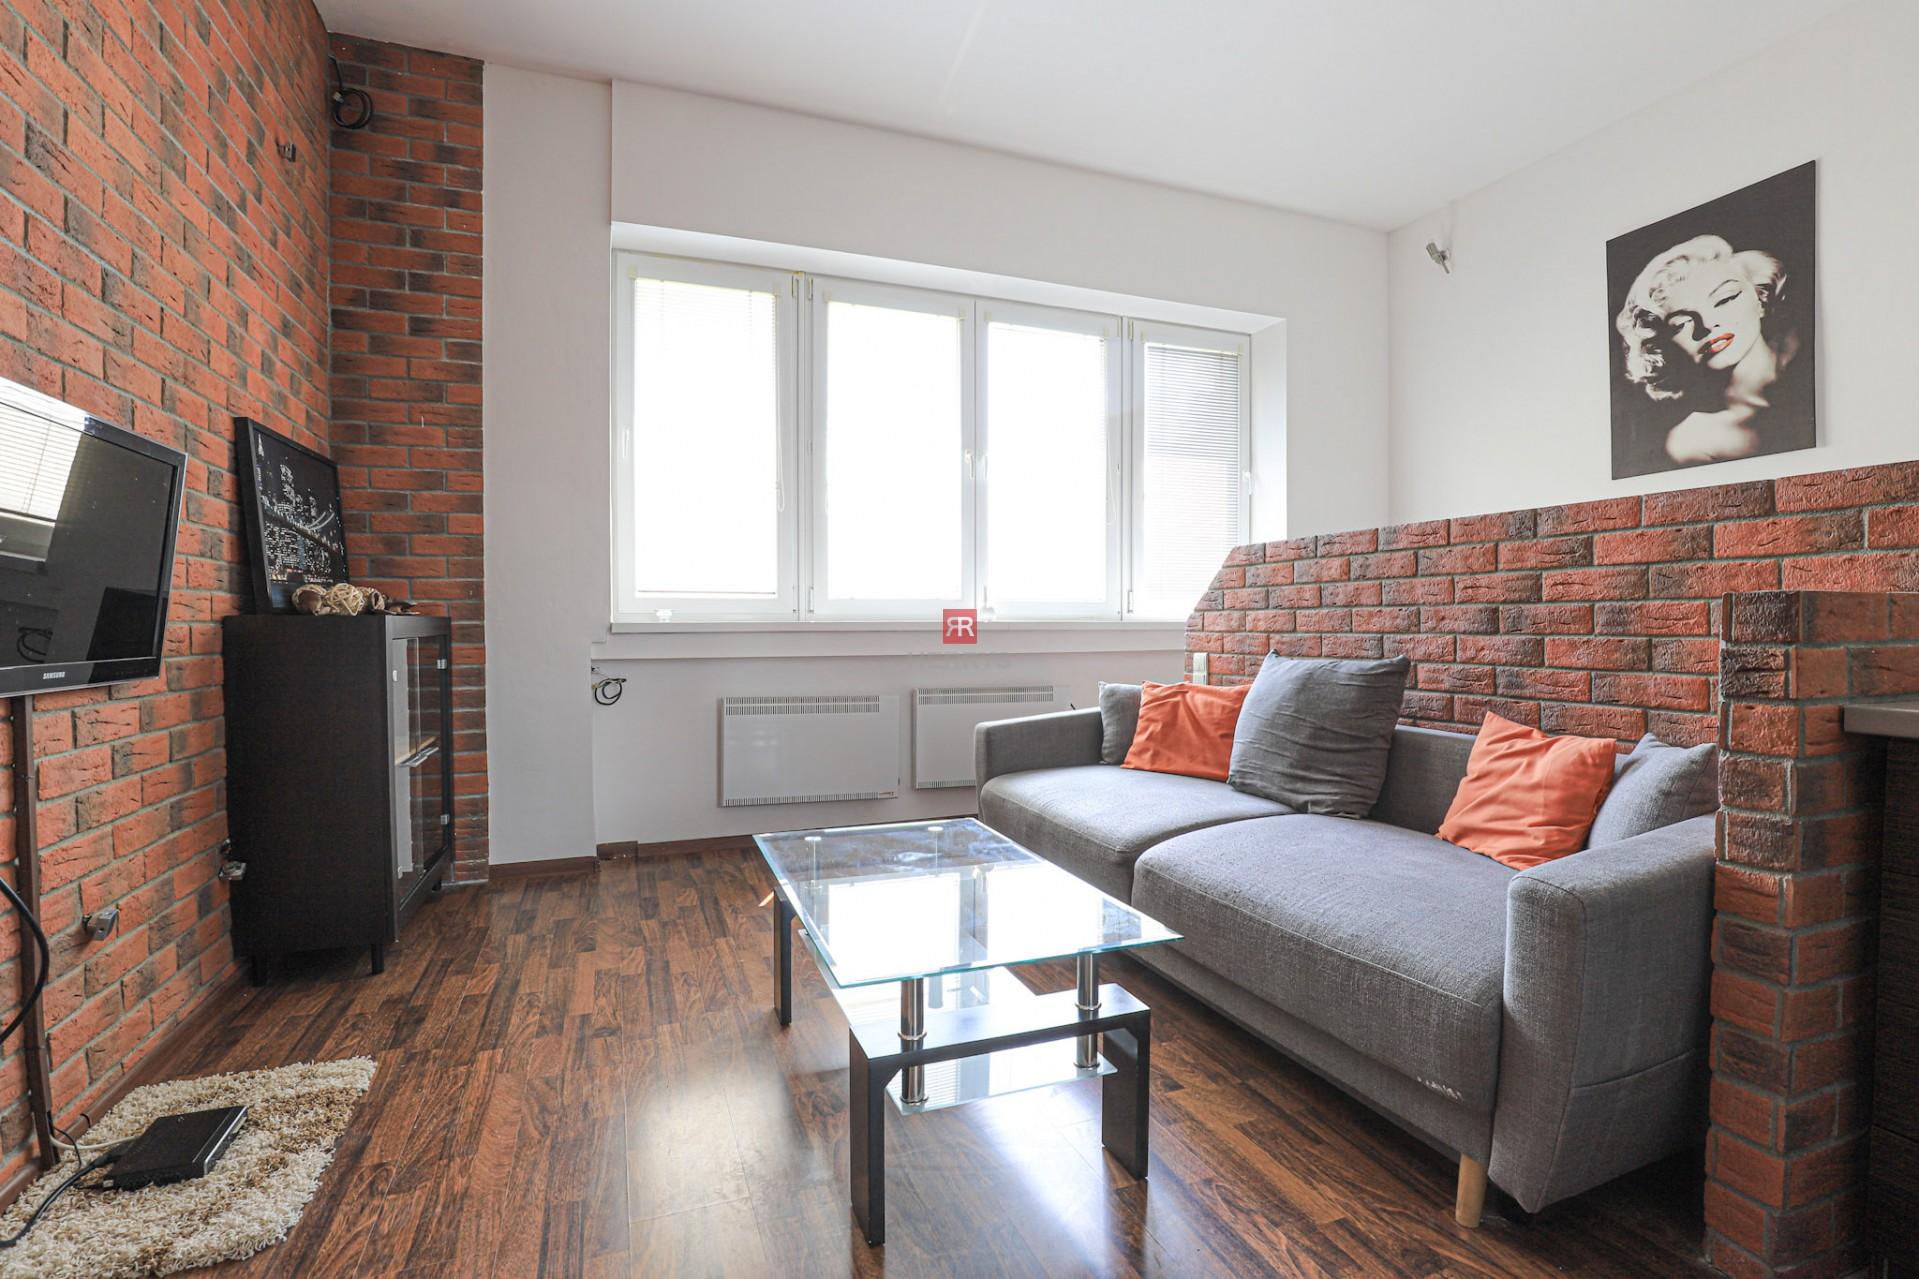 HERRYS - Na prenájom príjemný kompletne zariadený 1 izbový byt s krásnym výhľadom na Dunaj pod Bratislavským hradom